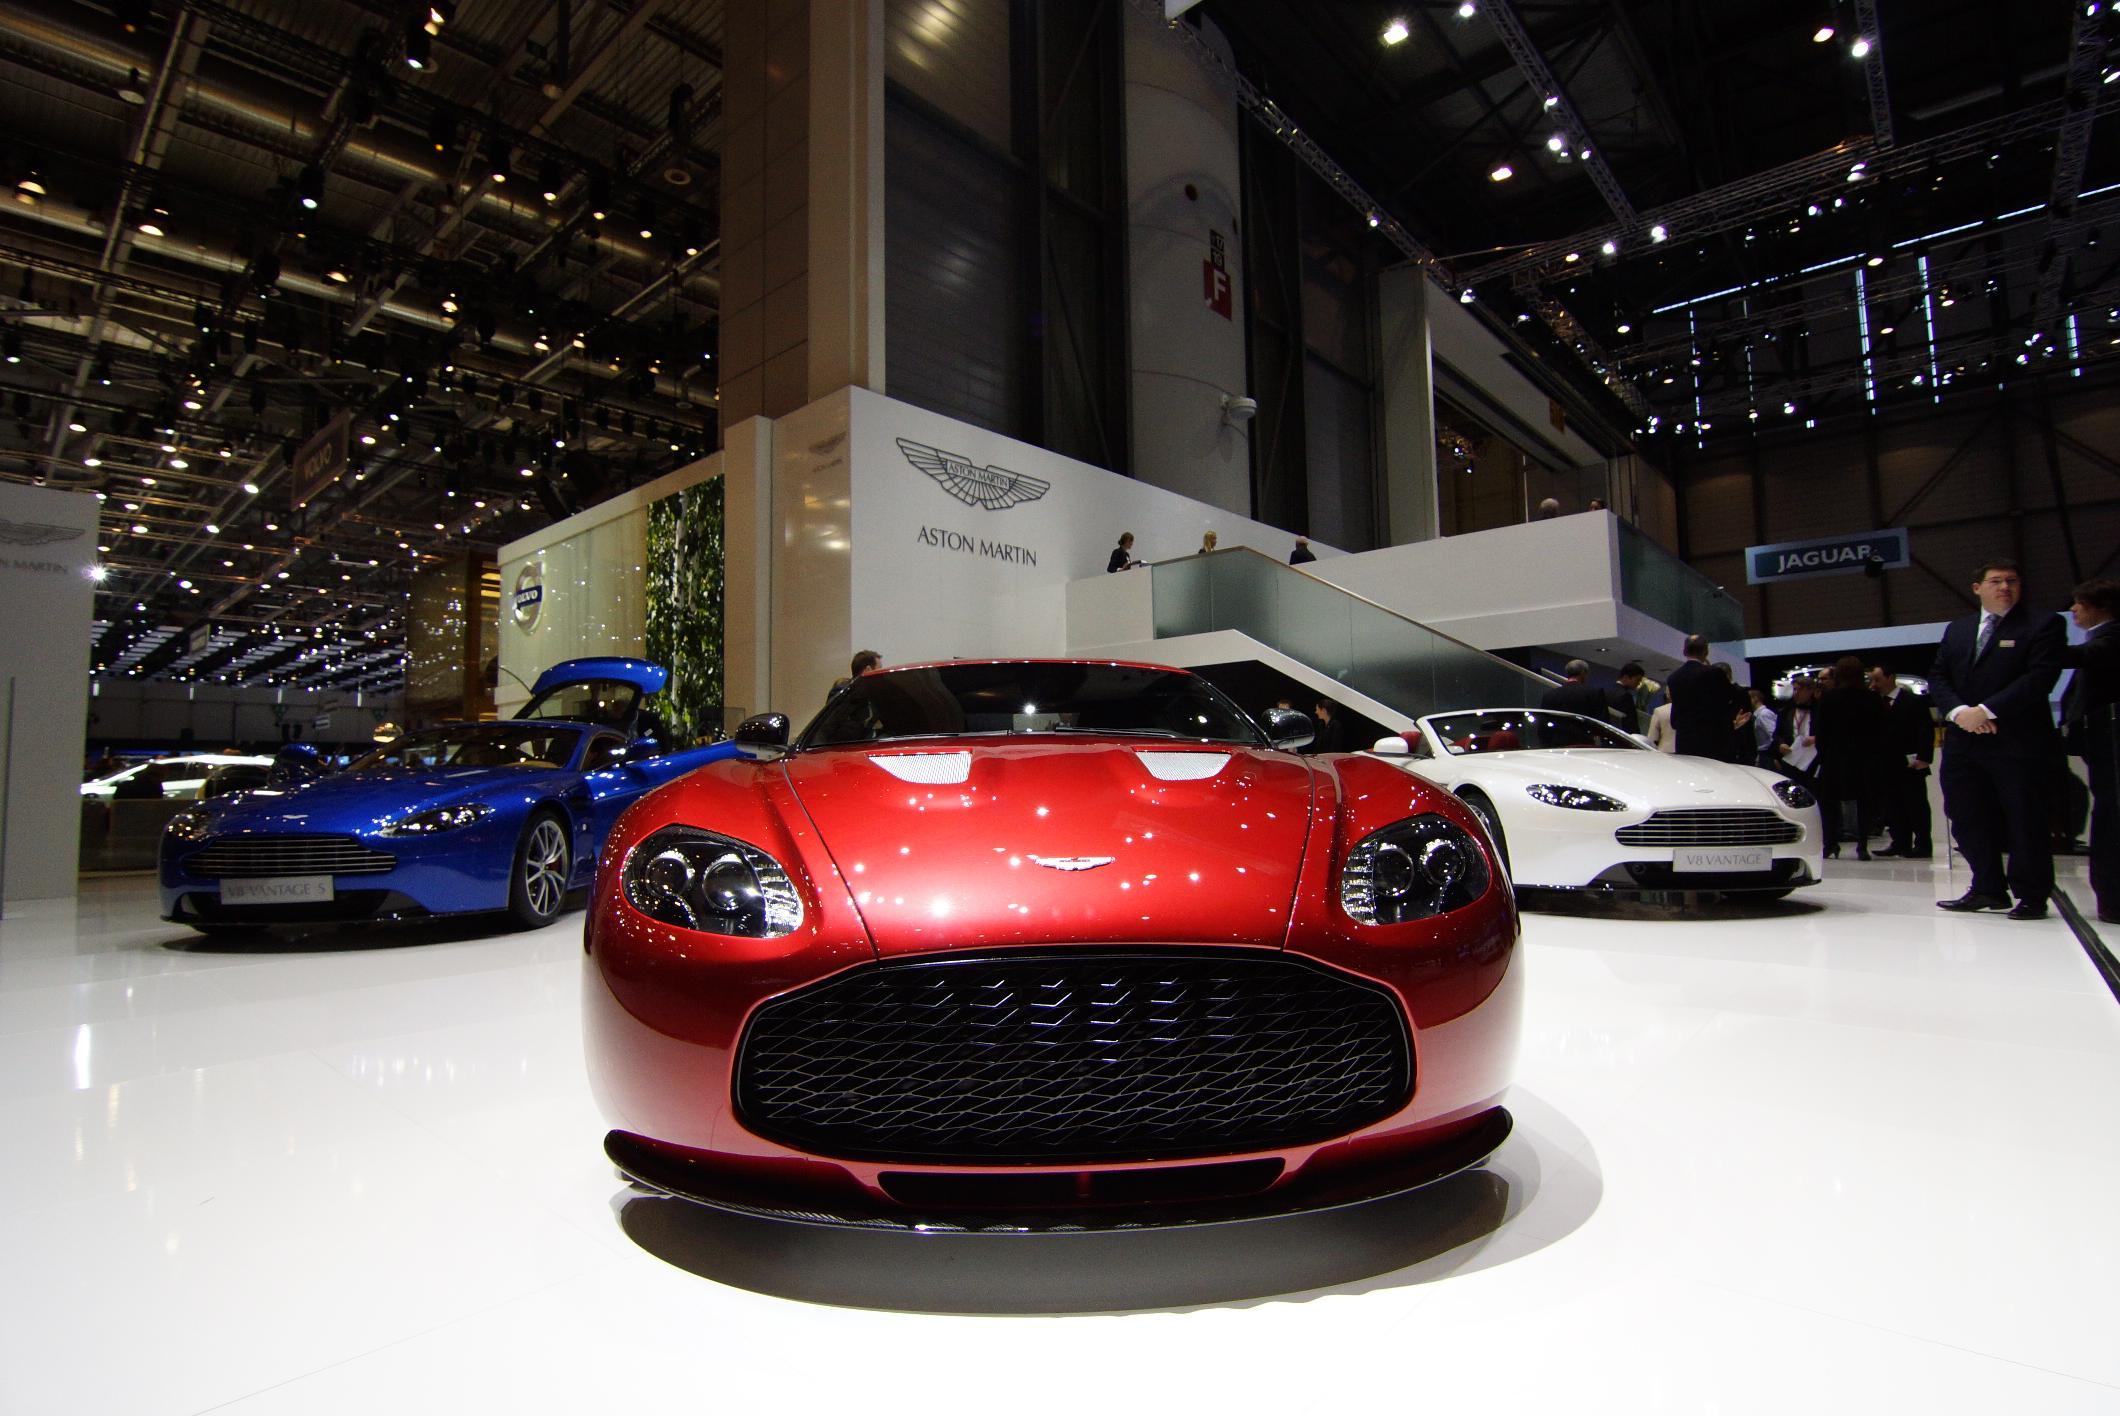 Aston Martin V12 Zagato Geneva 2012 Front 4